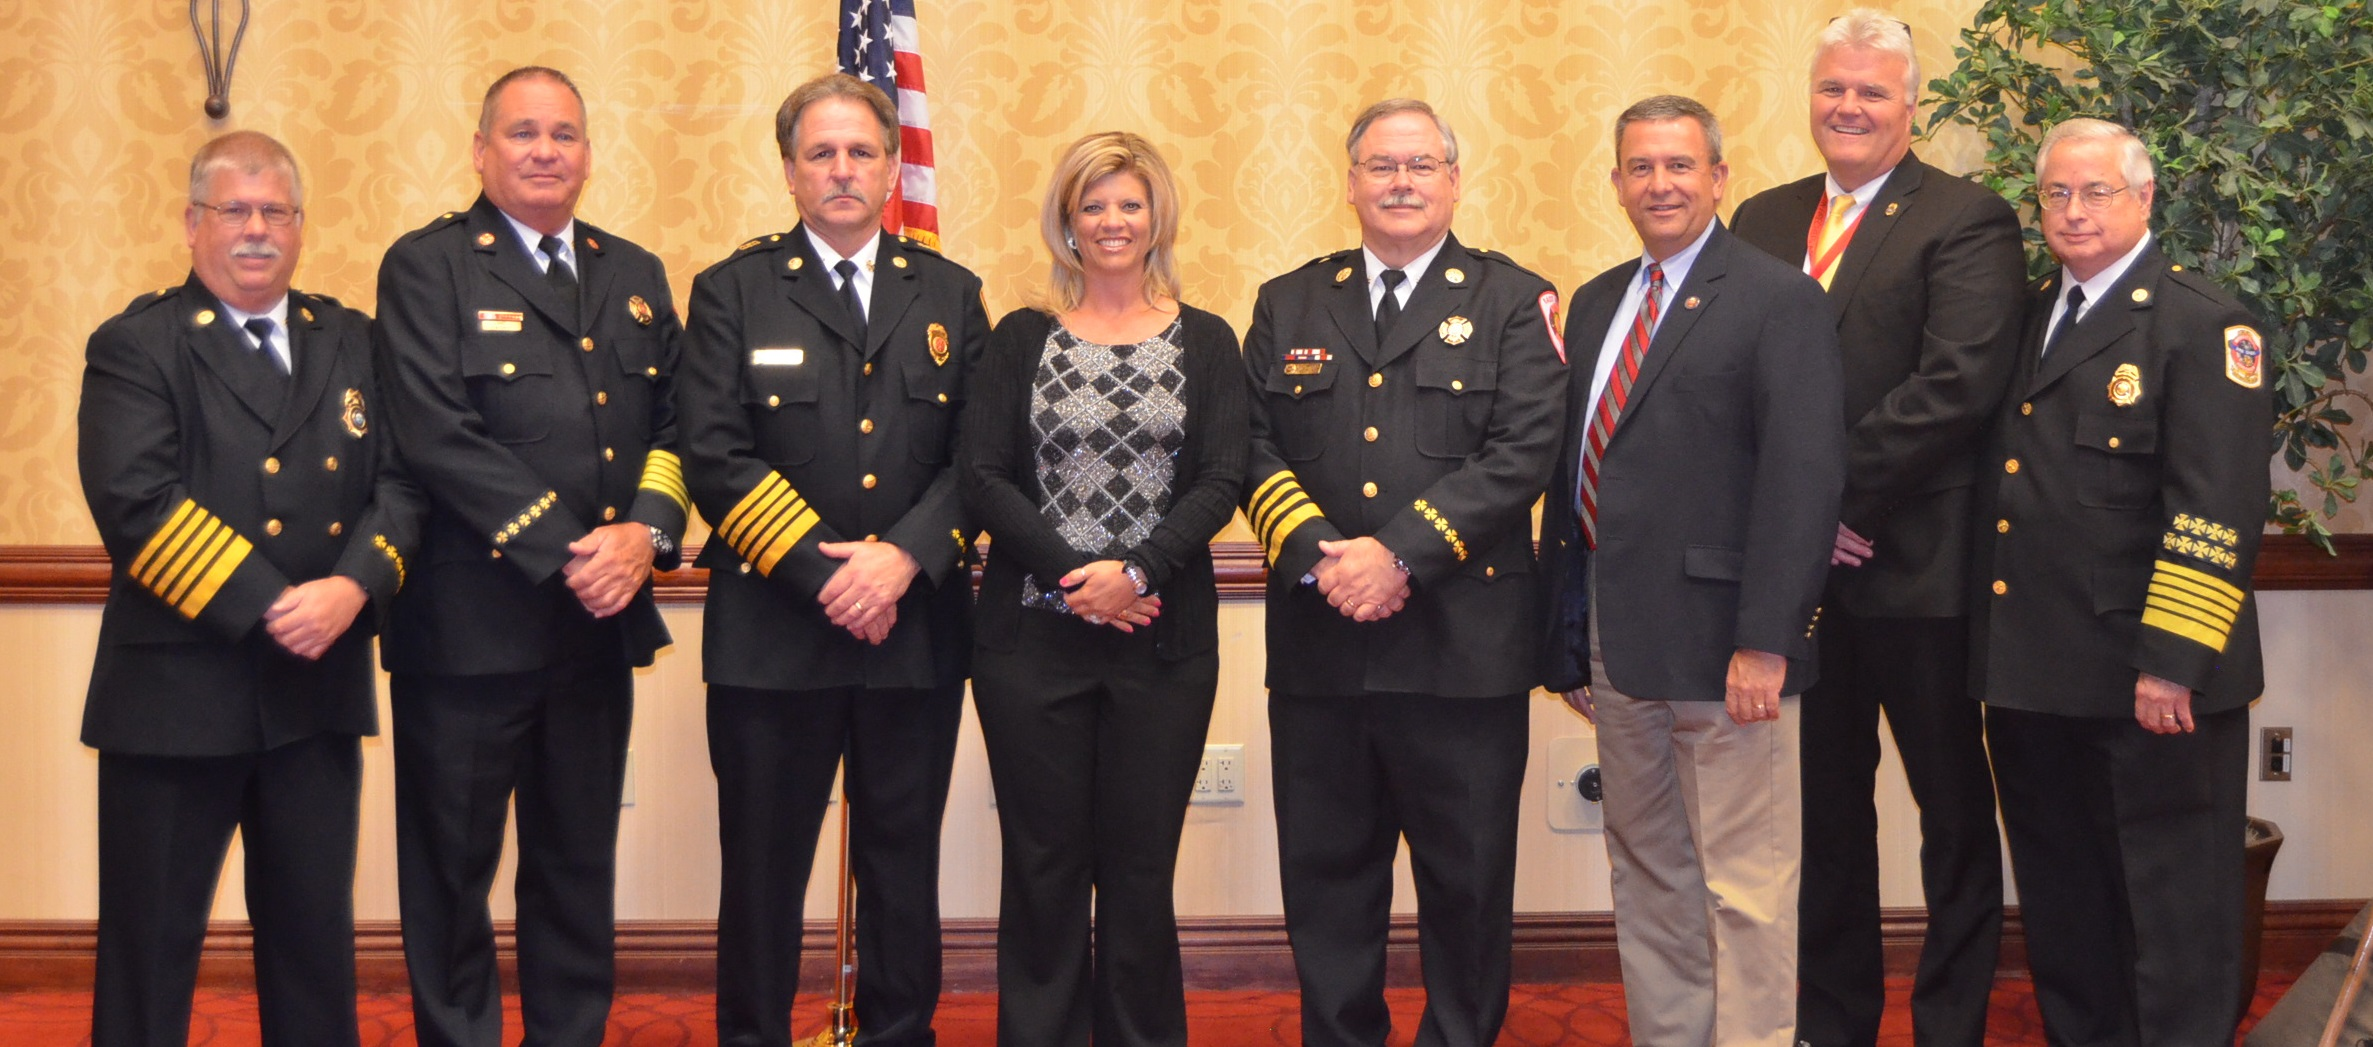 Hamilton County personnel